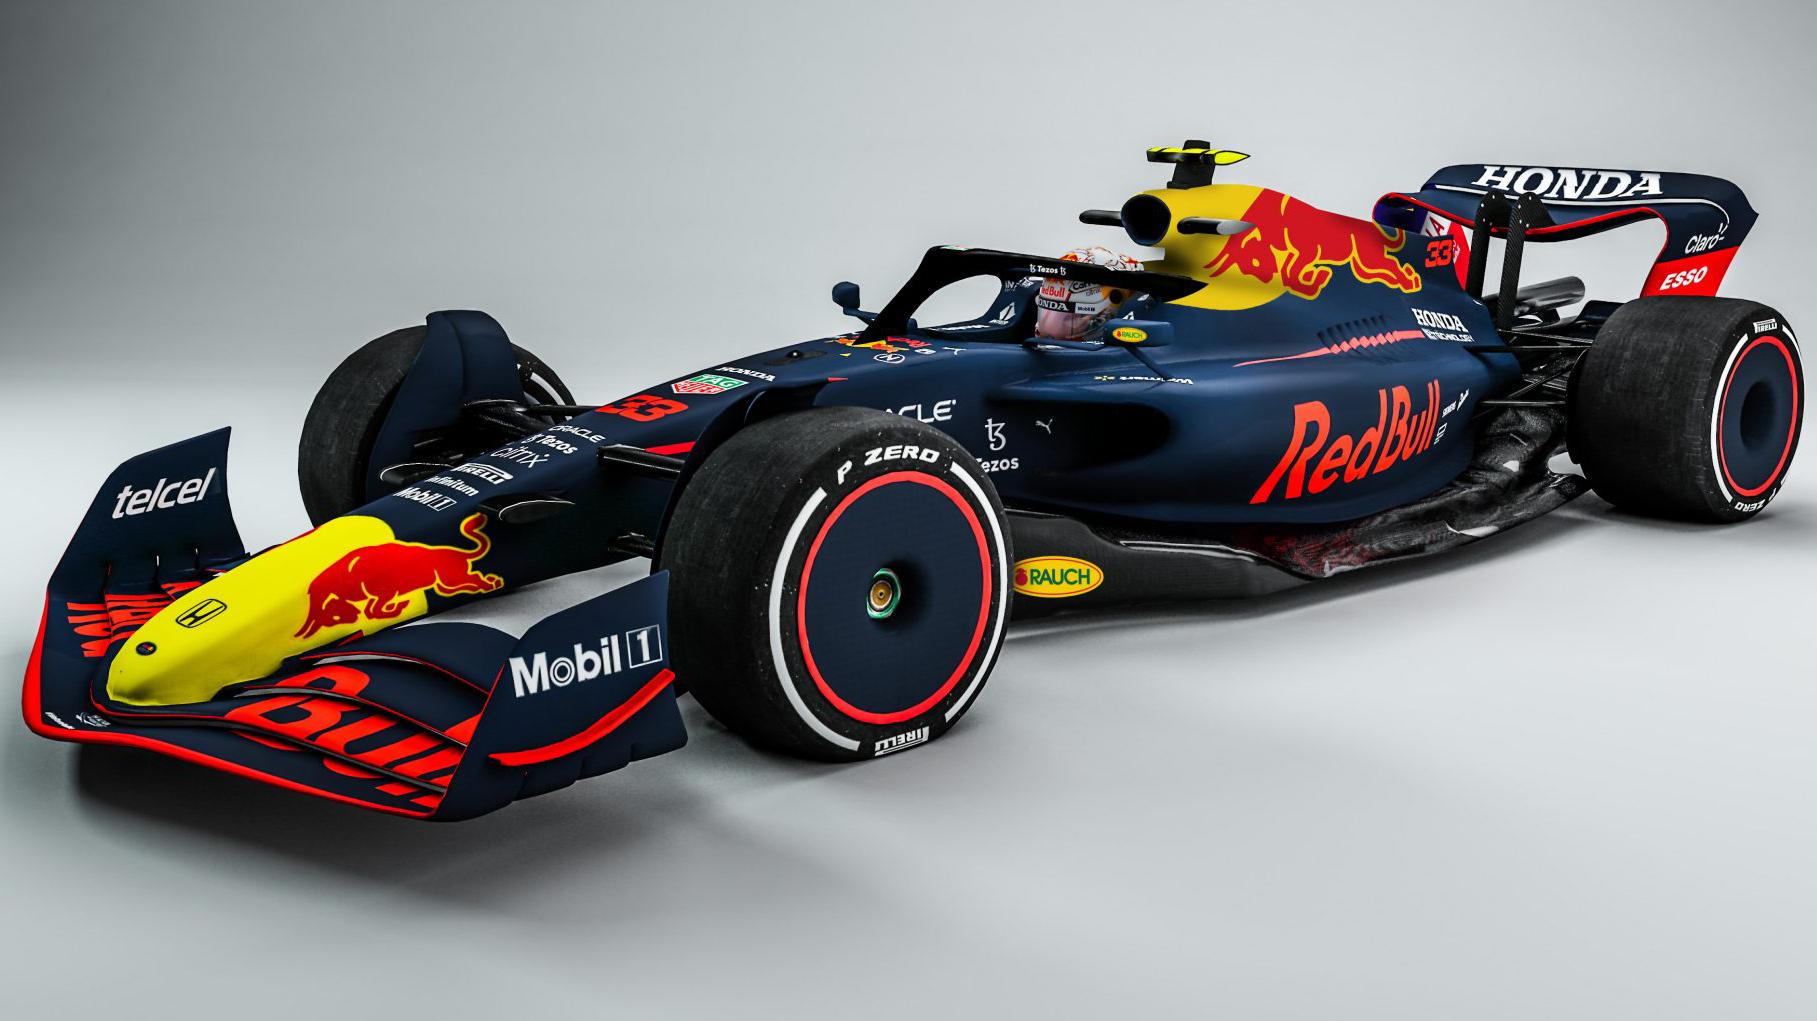 Carro-conceito da F1 para 2022 visto 3/4 de frente com cores da Red Bull